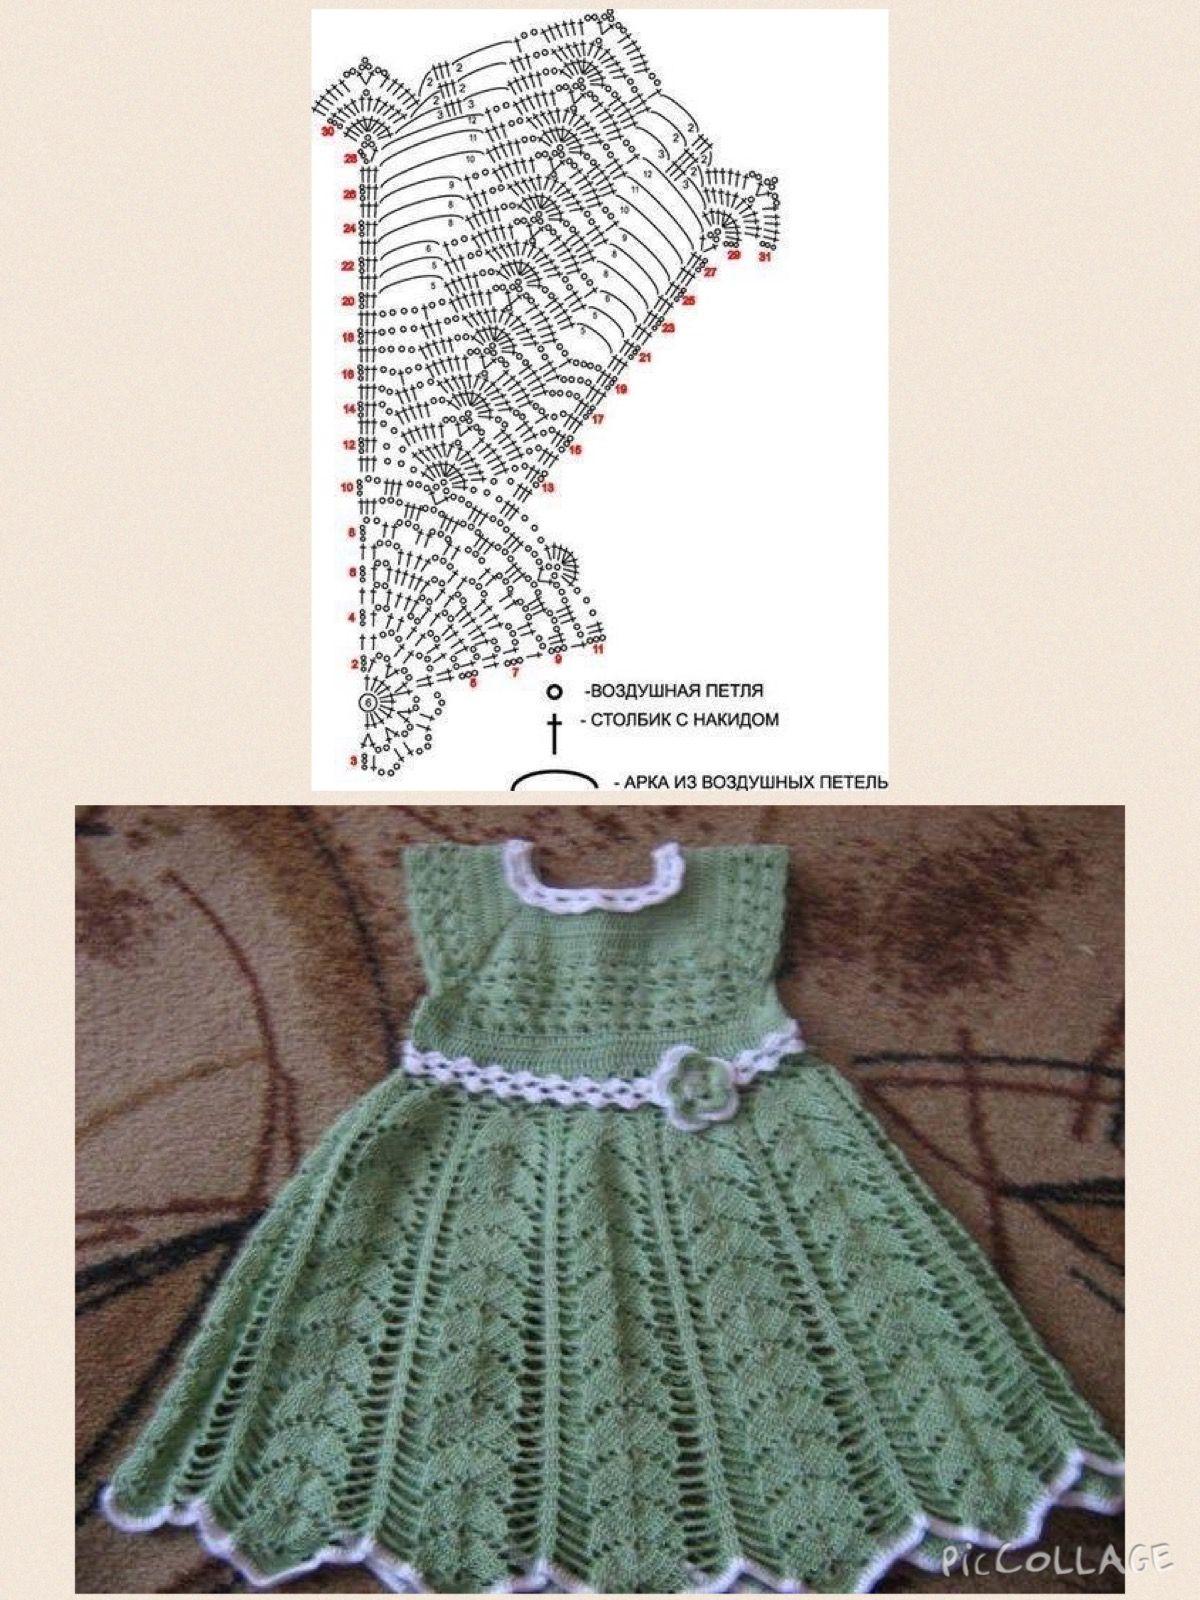 Vestido a crochet blanco stainless steel